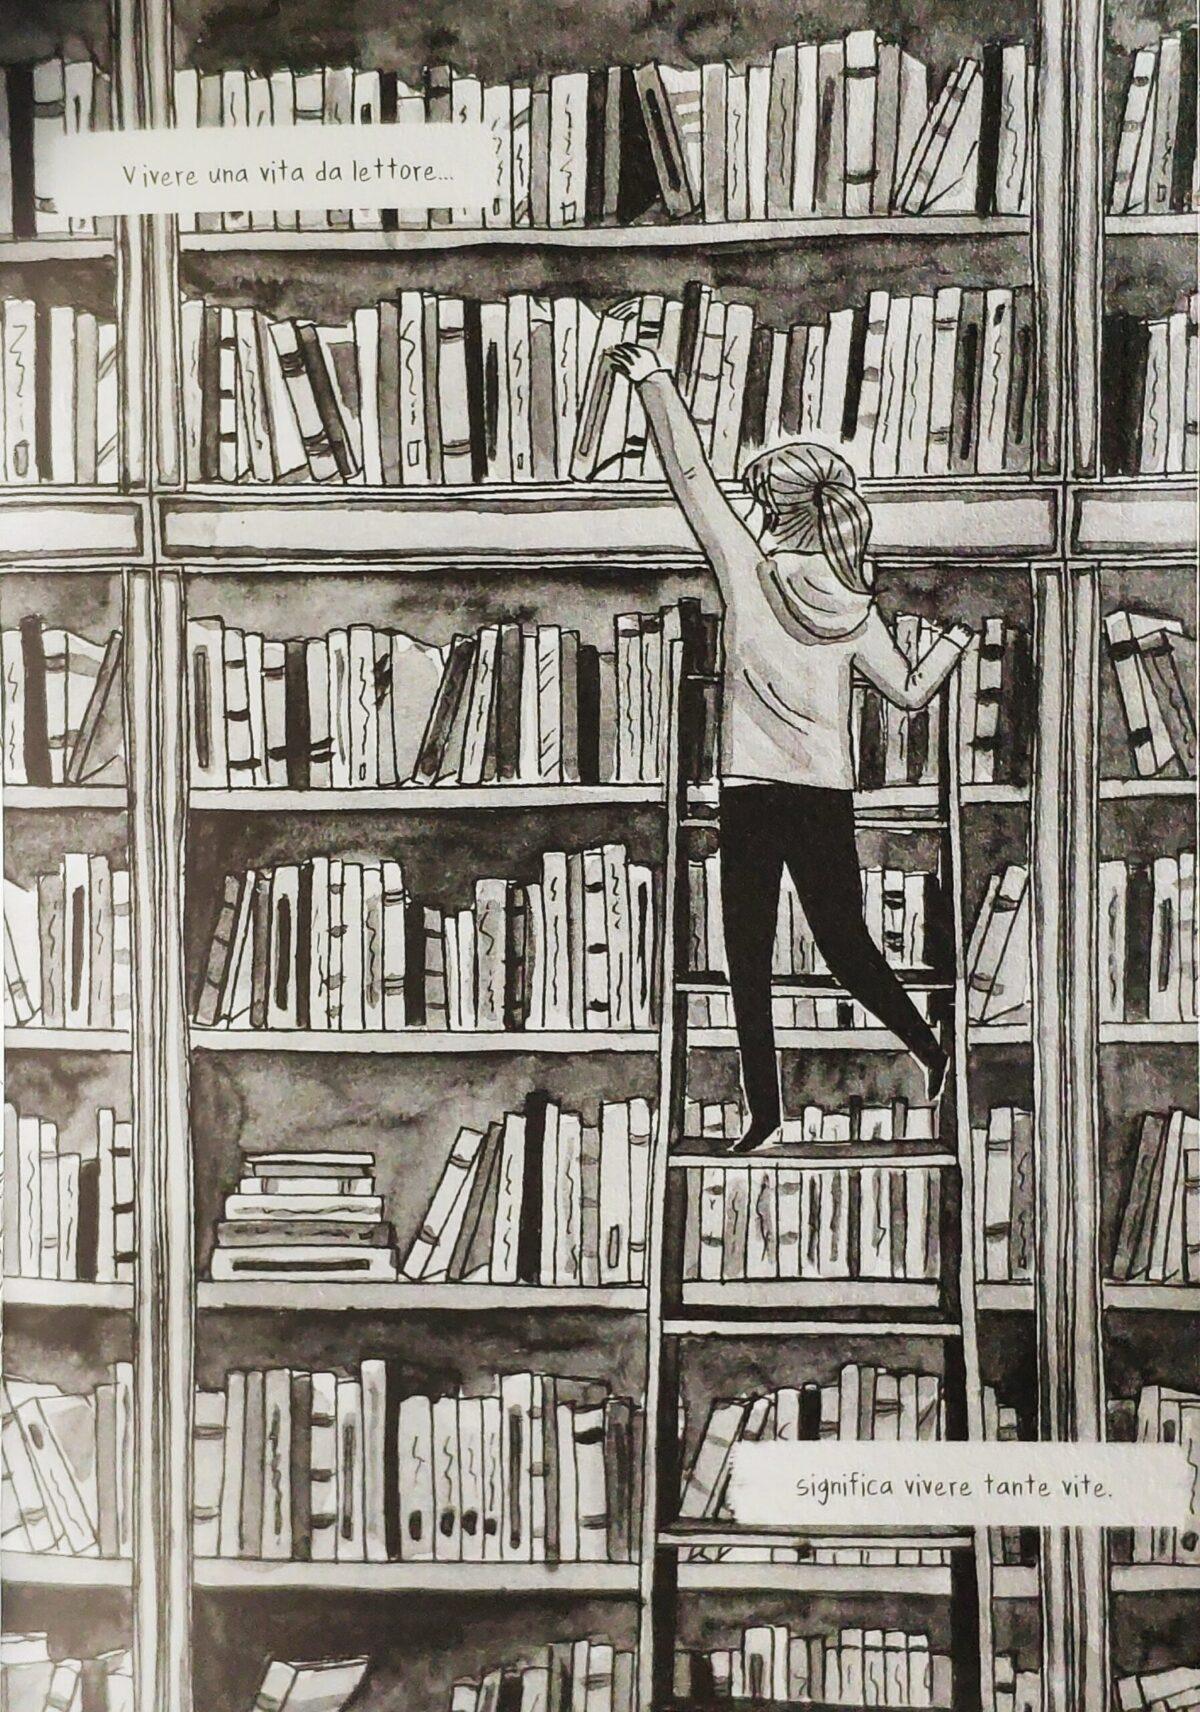 Mio caro fumetto... - La vita da lettore